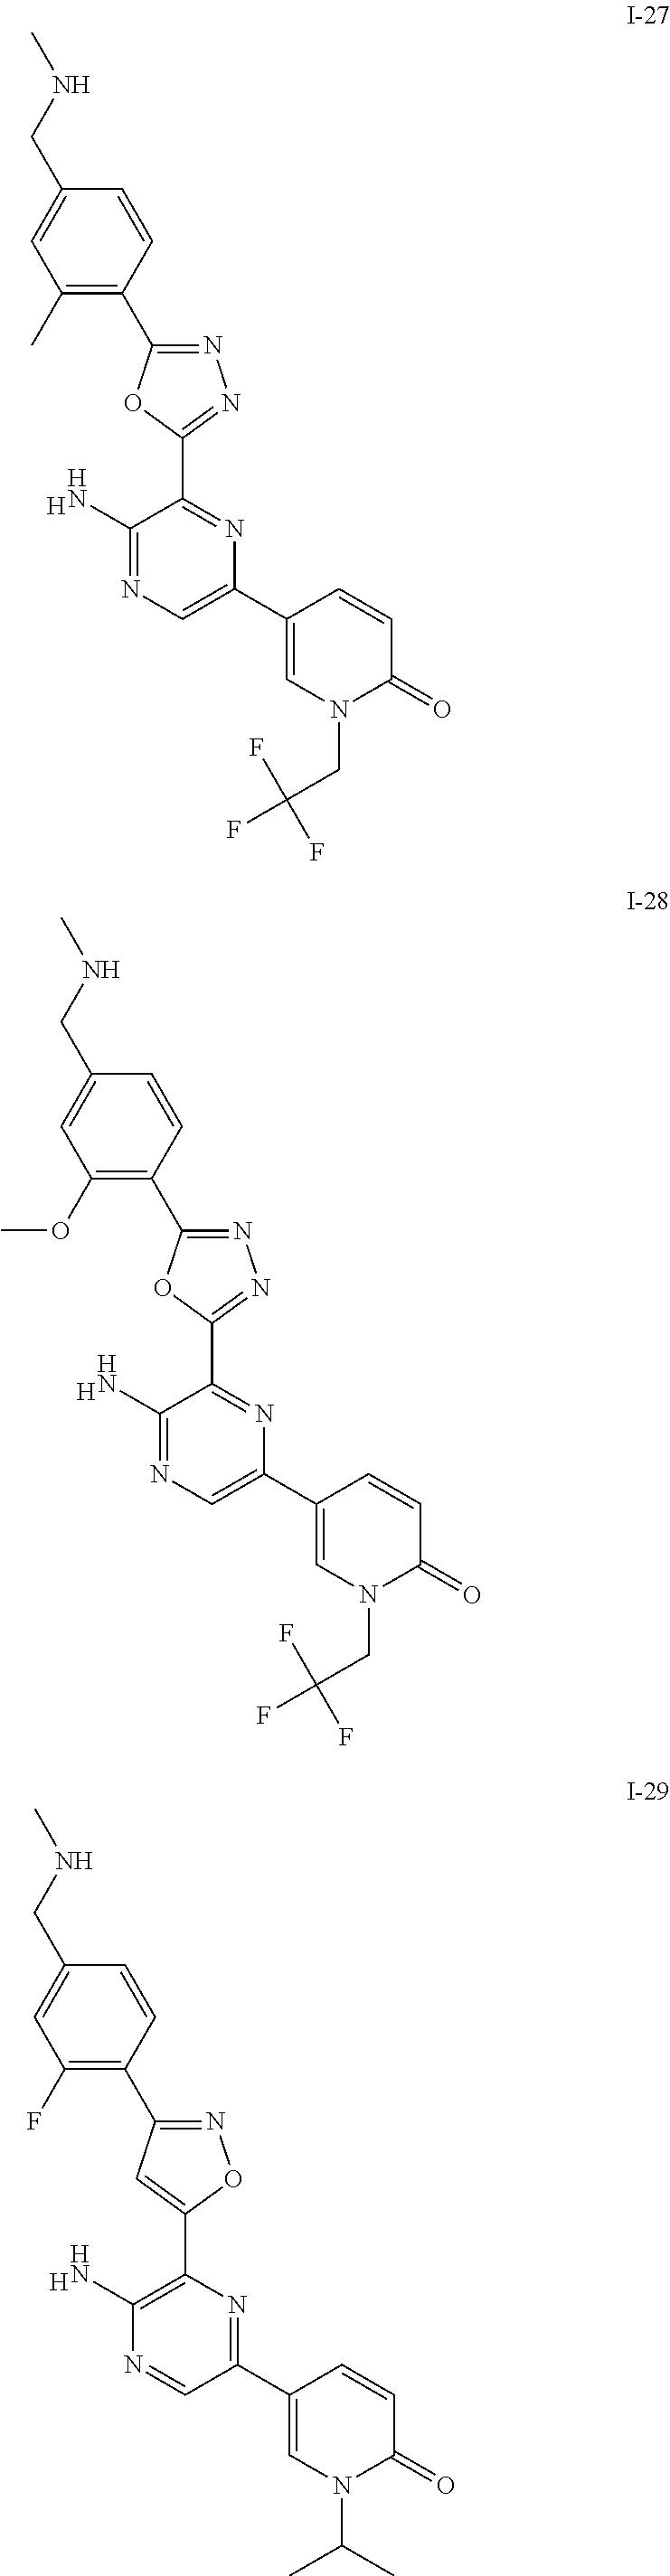 Figure US09630956-20170425-C00226